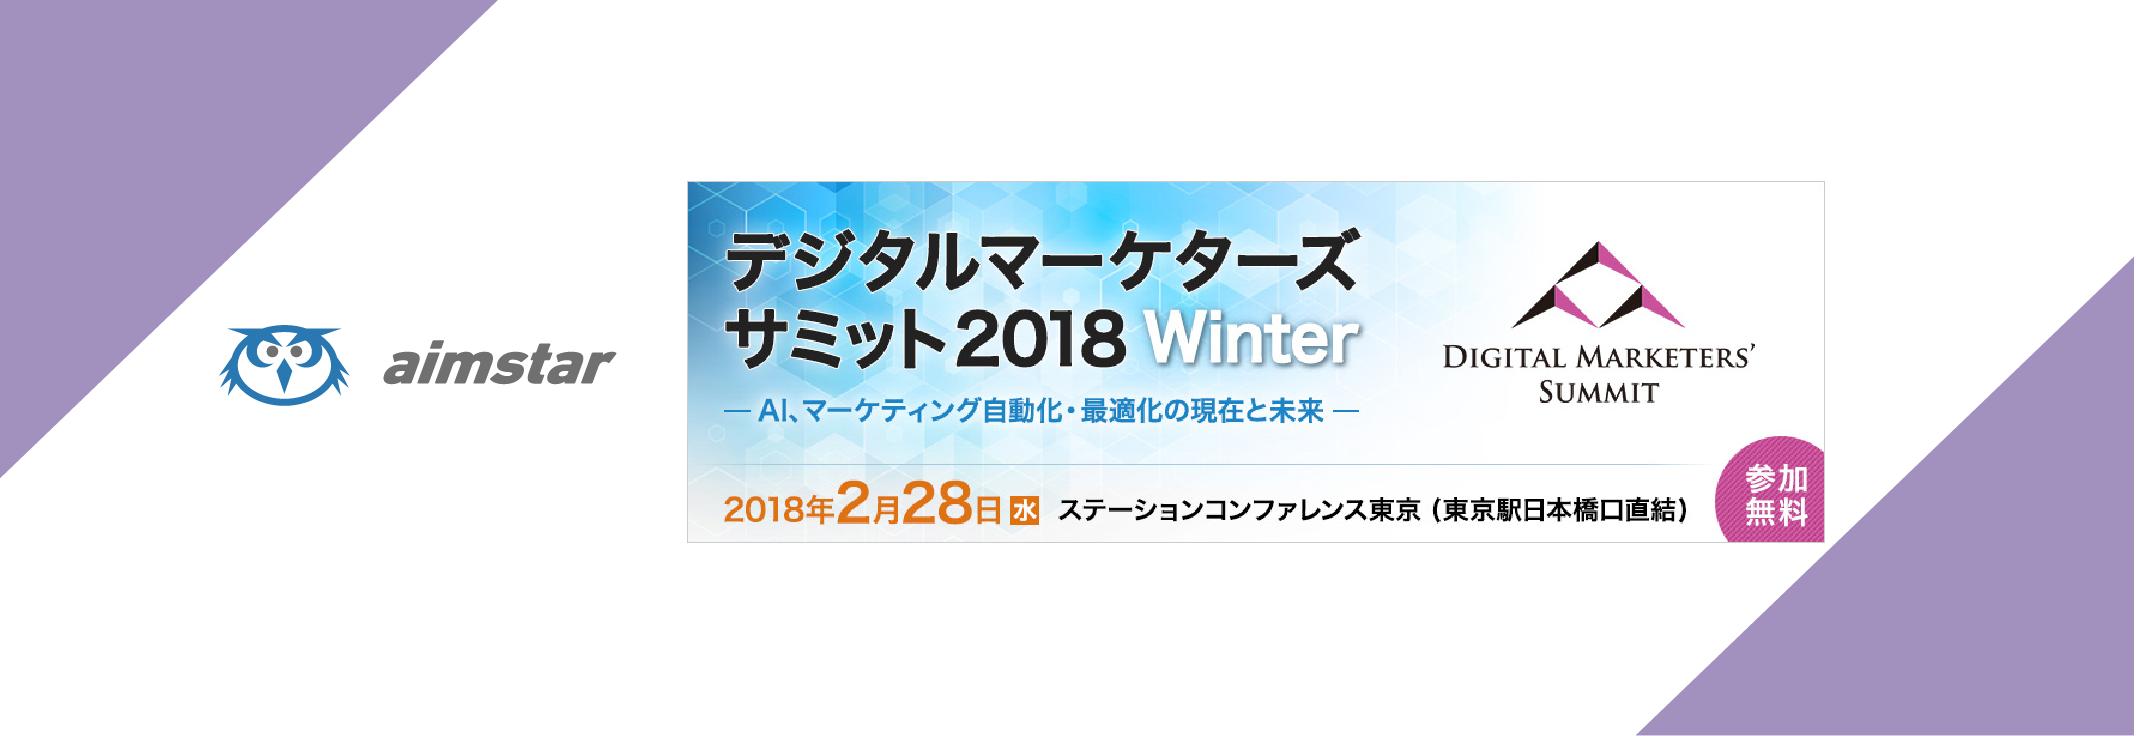 【終了】【セミナー】デジタルマーケターズサミット2018に登壇します